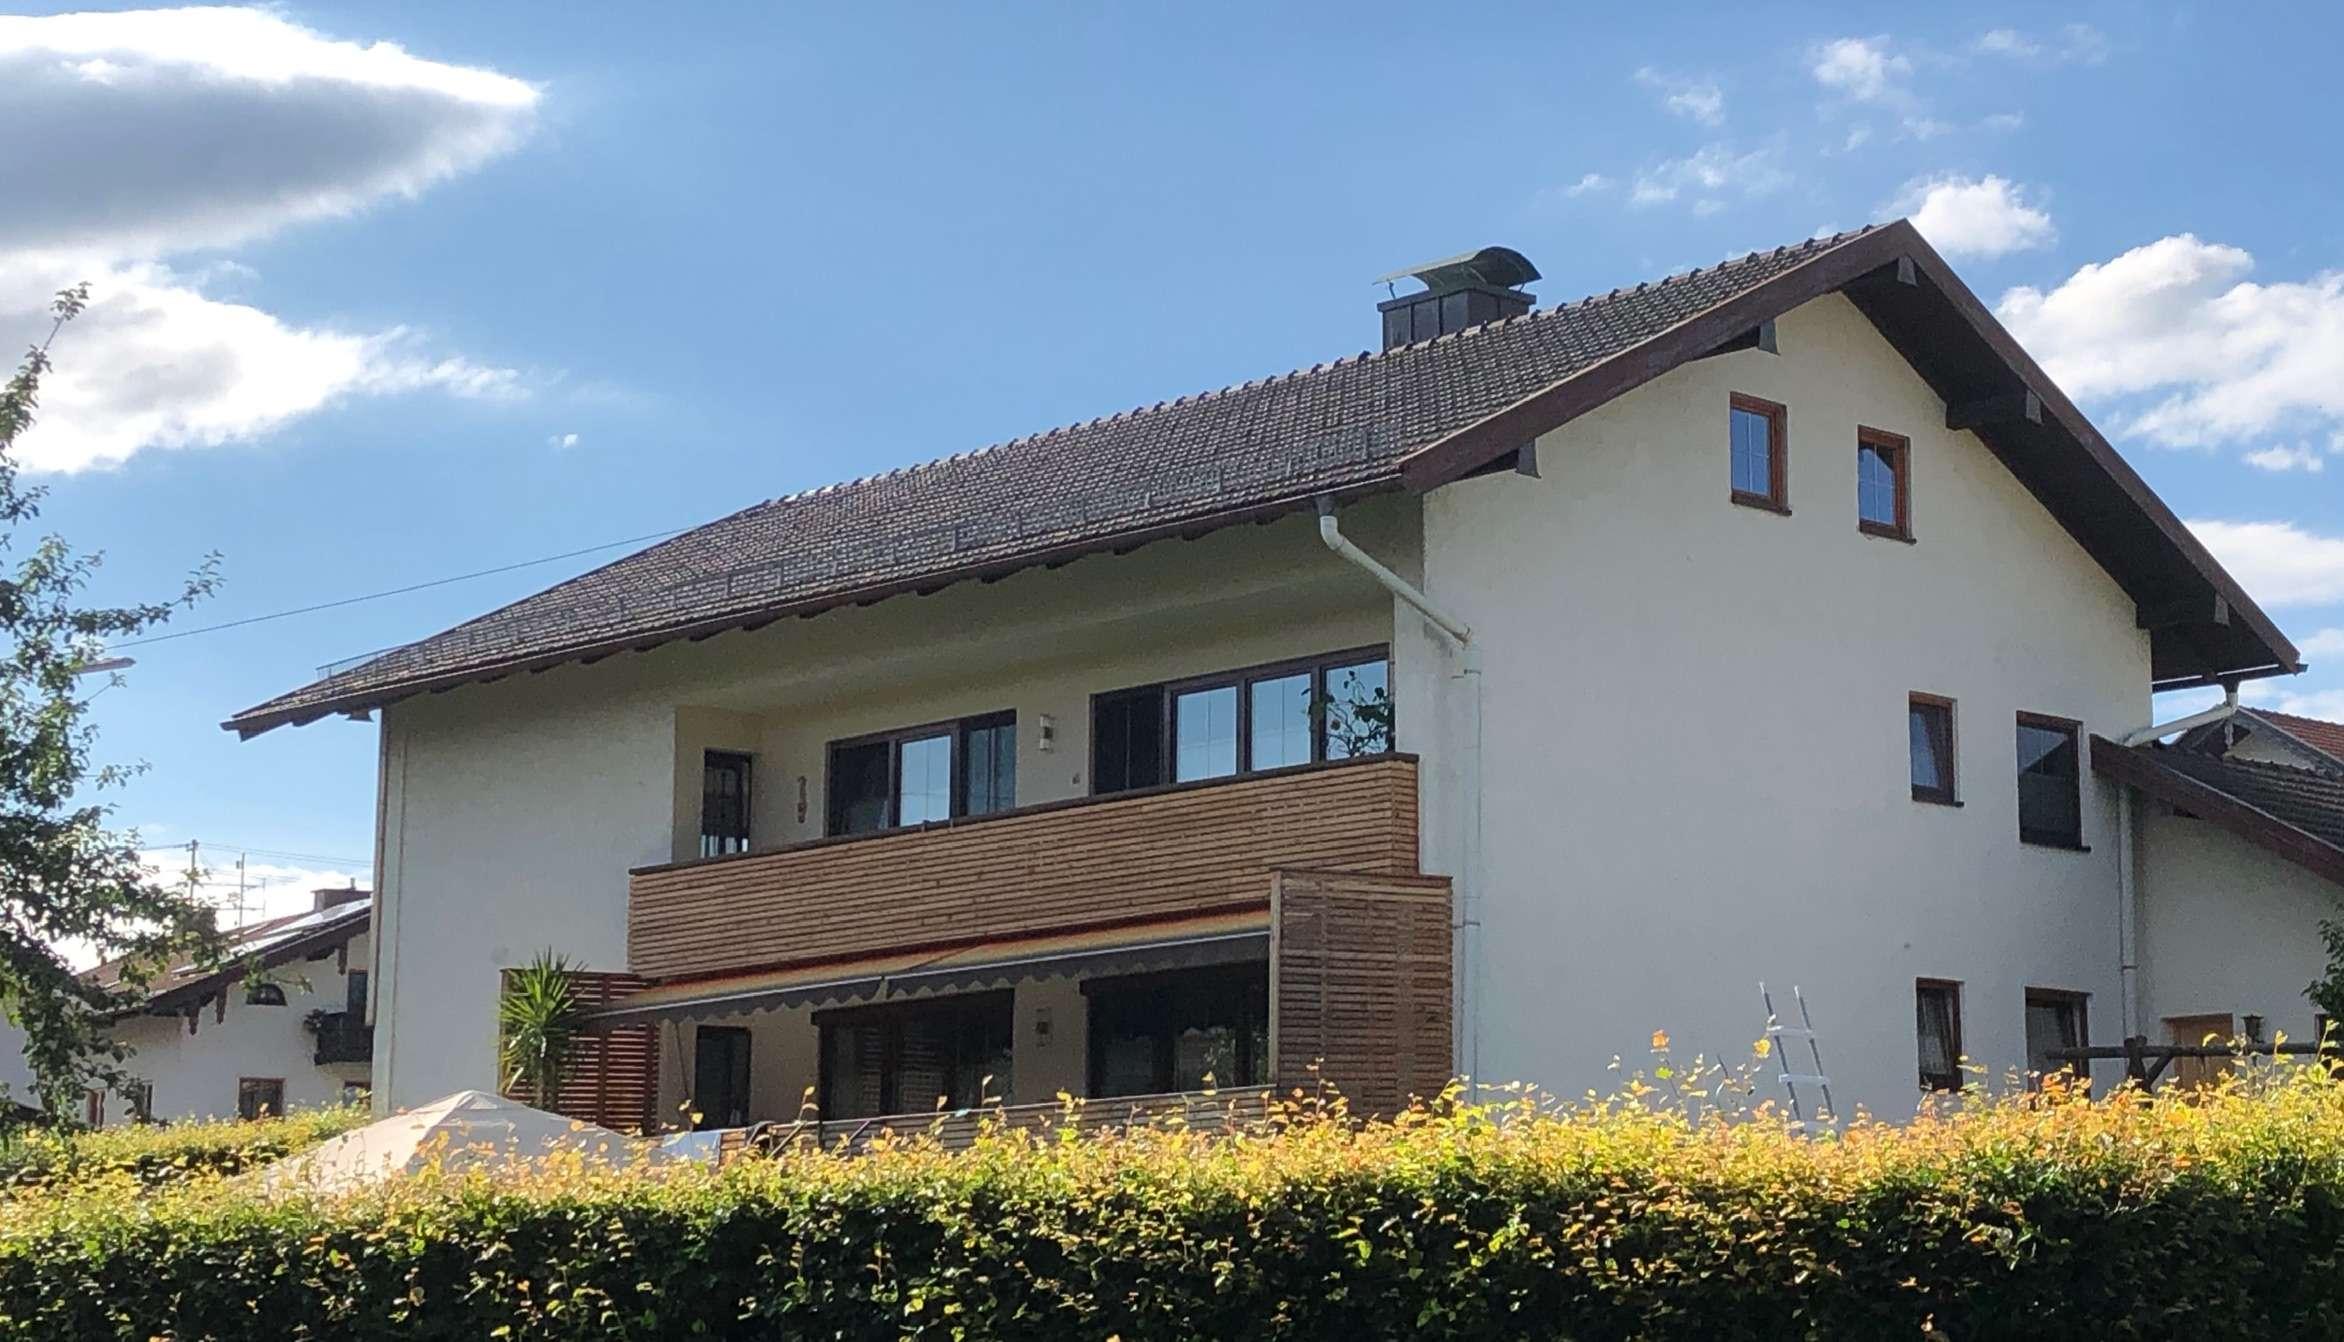 Schöne, geräumige vier Zimmer Wohnung in Traunstein (Kreis), Traunreut in